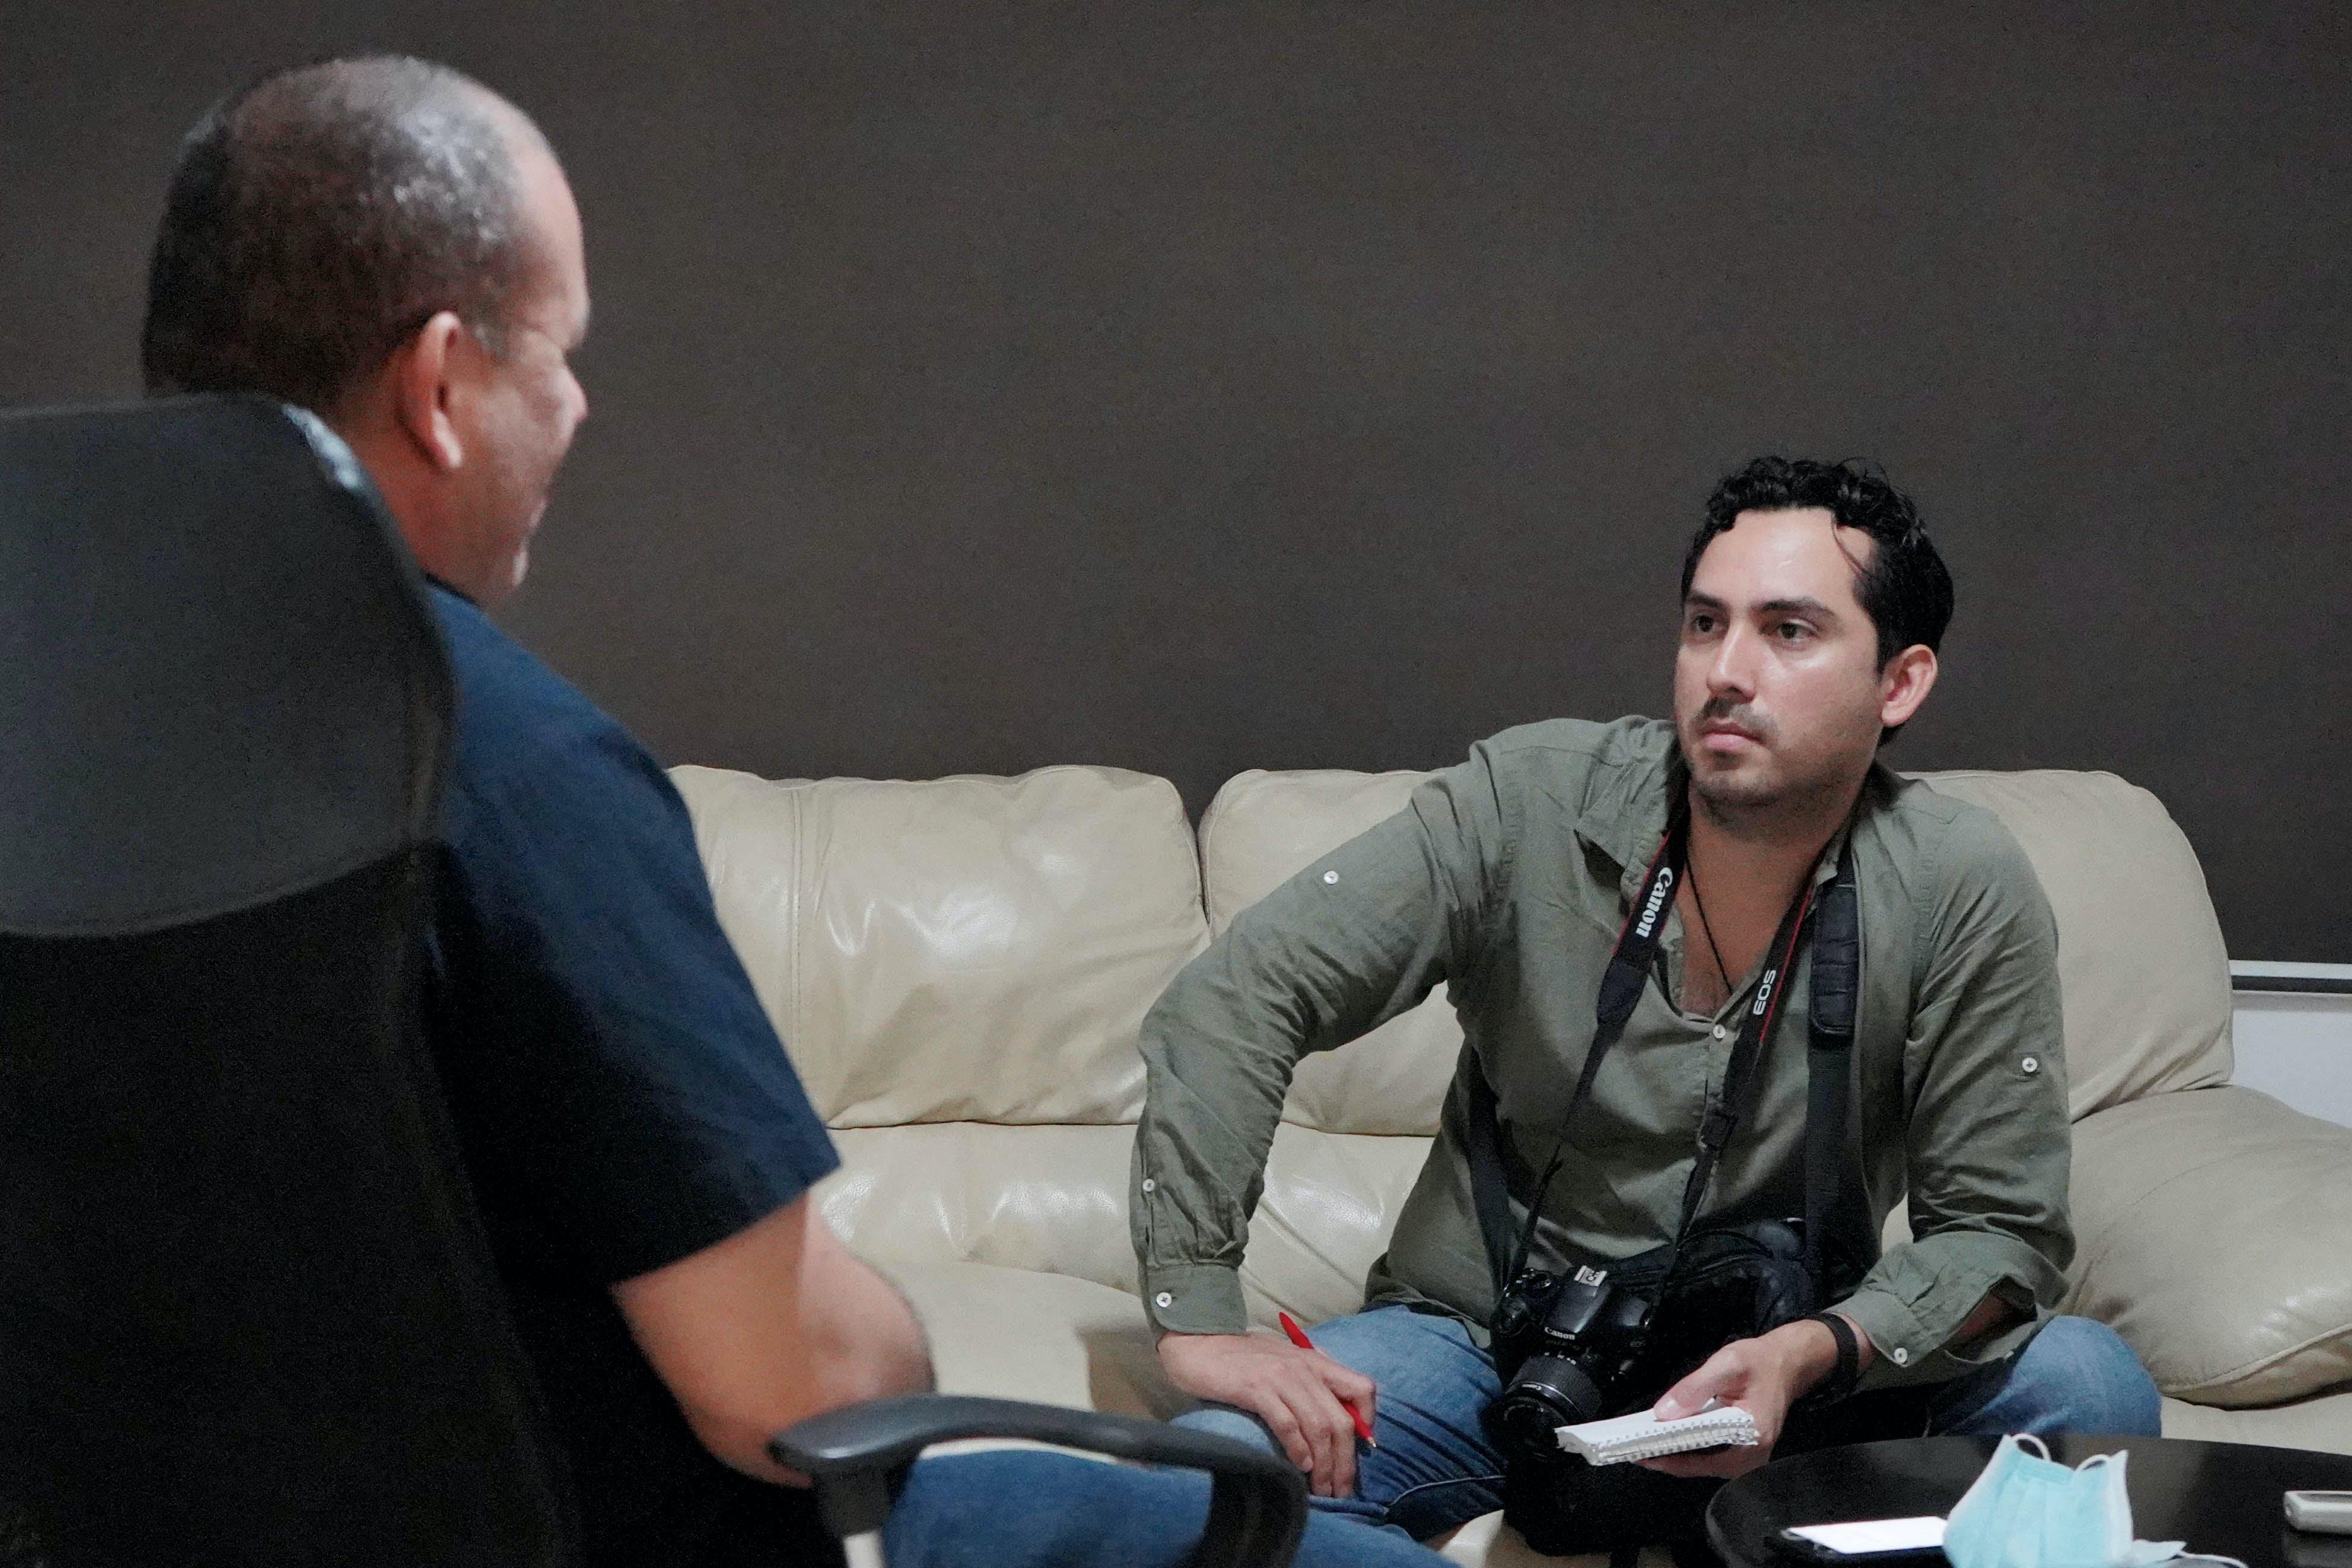 periodista entrevista a una persona en los interiores de una casa